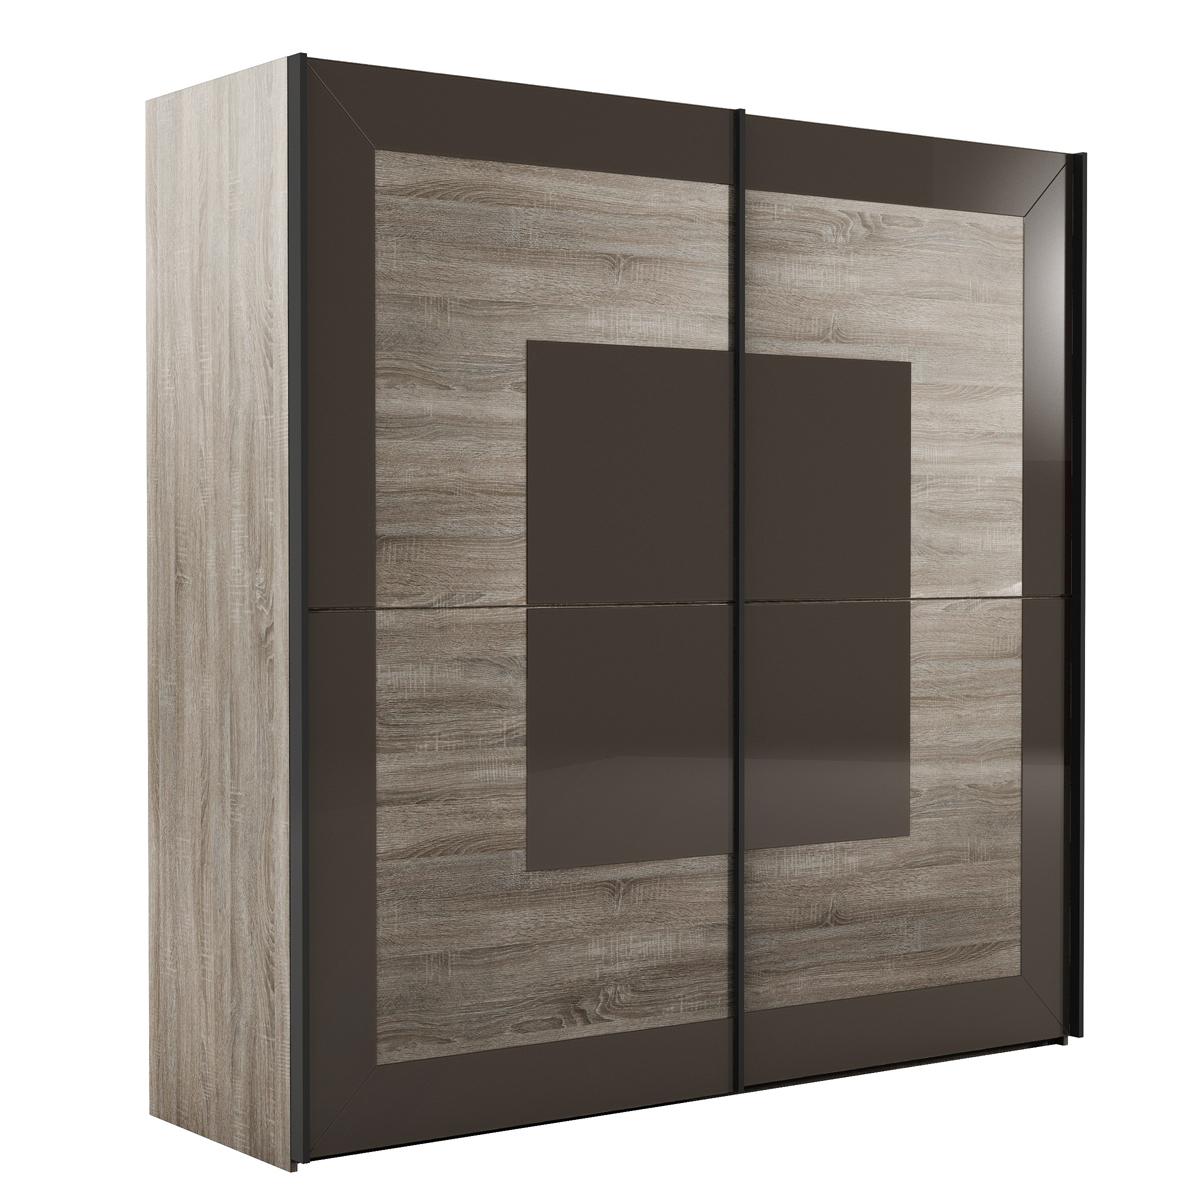 schwebet renschrank tisera kleiderschrank sonoma eiche dunkel glas schwarzbraun ebay. Black Bedroom Furniture Sets. Home Design Ideas